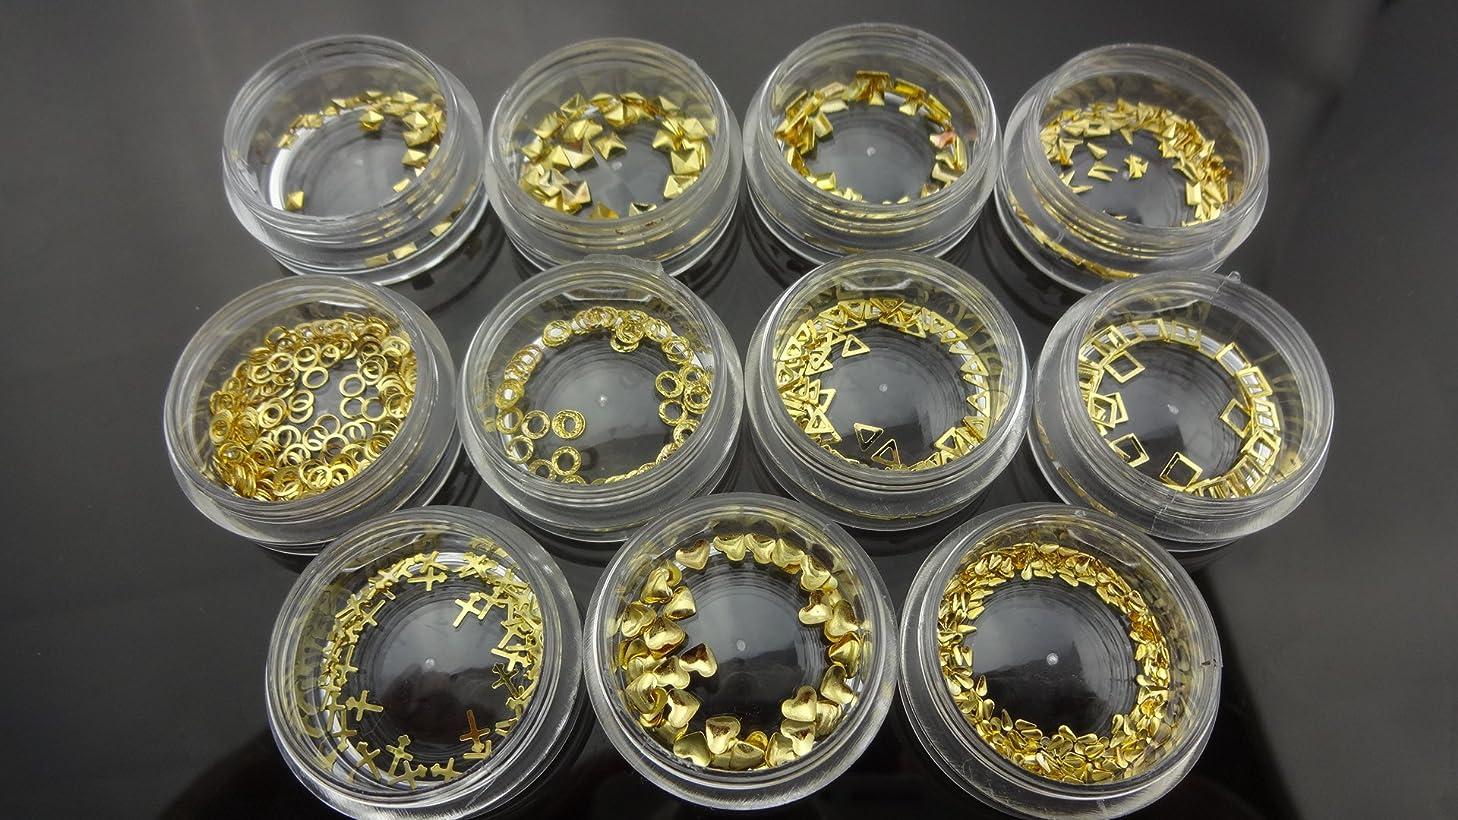 光沢のある特徴づけるストリーム【HARU雑貨】メタルスタッズ ゴールド 金 11種 110個セット/ネイル パーツ デコ アクセサリー